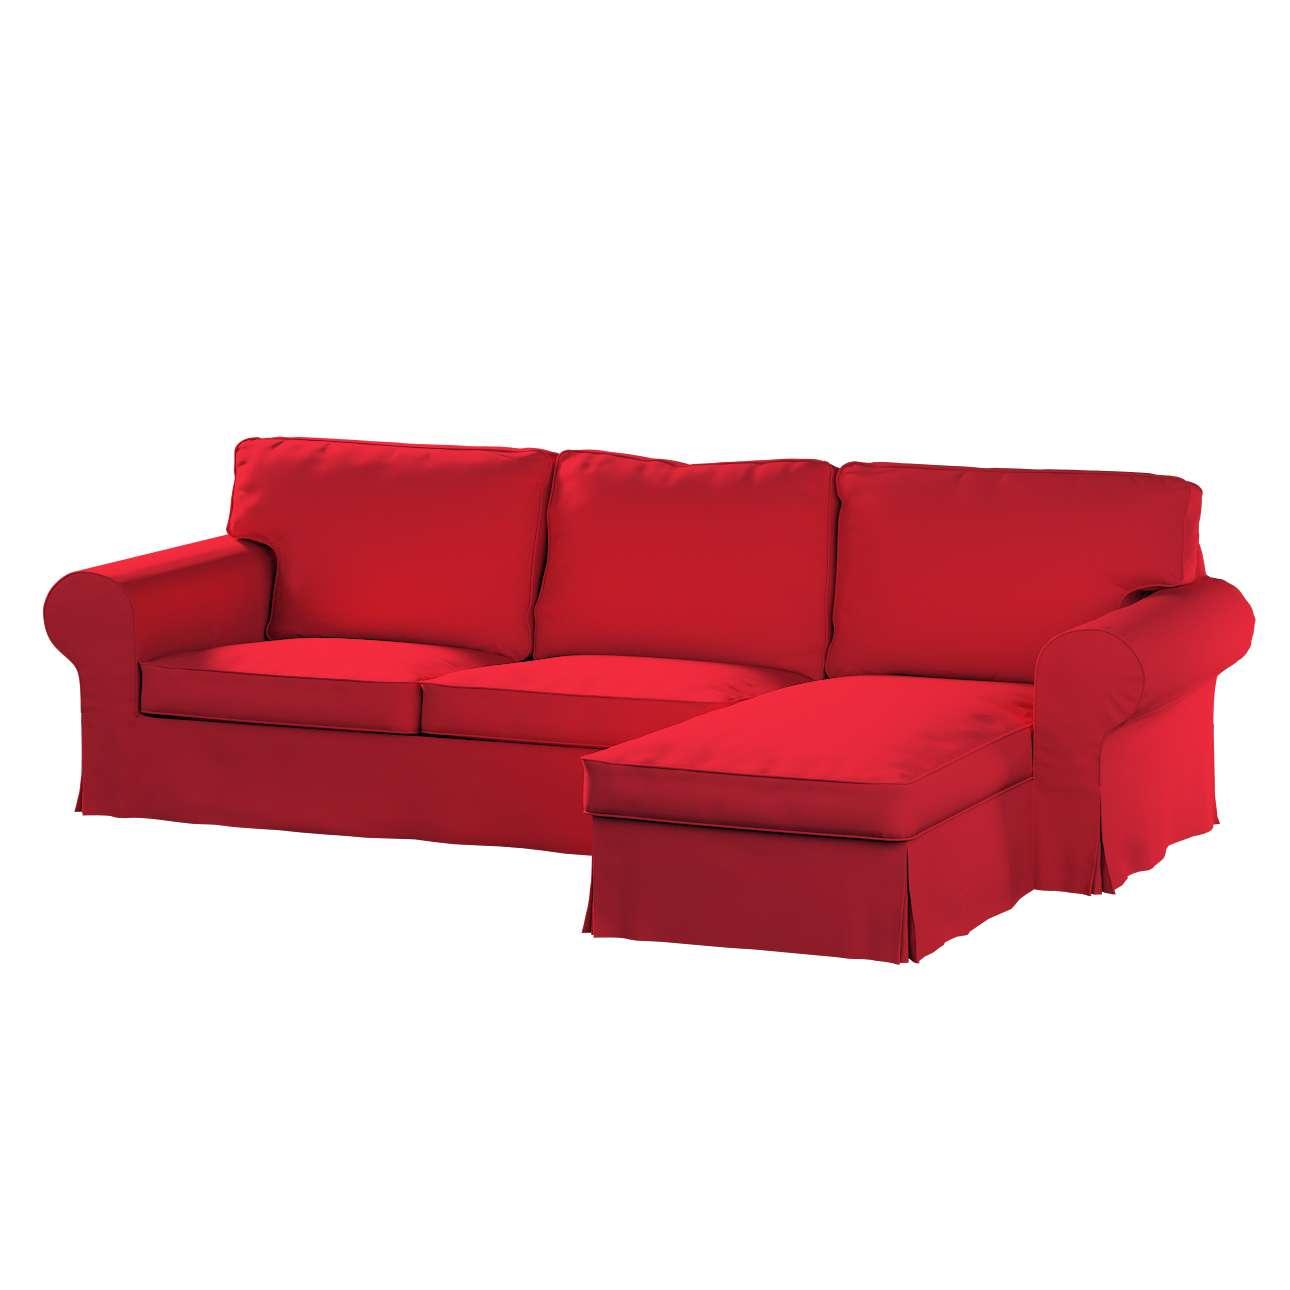 Ektorp dvivietės sofos su gulimuoju krėslu užvalkalas Ikea Ektorp dvivietės sofos su gulimuoju krėslu užvalkalas kolekcijoje Cotton Panama, audinys: 702-04